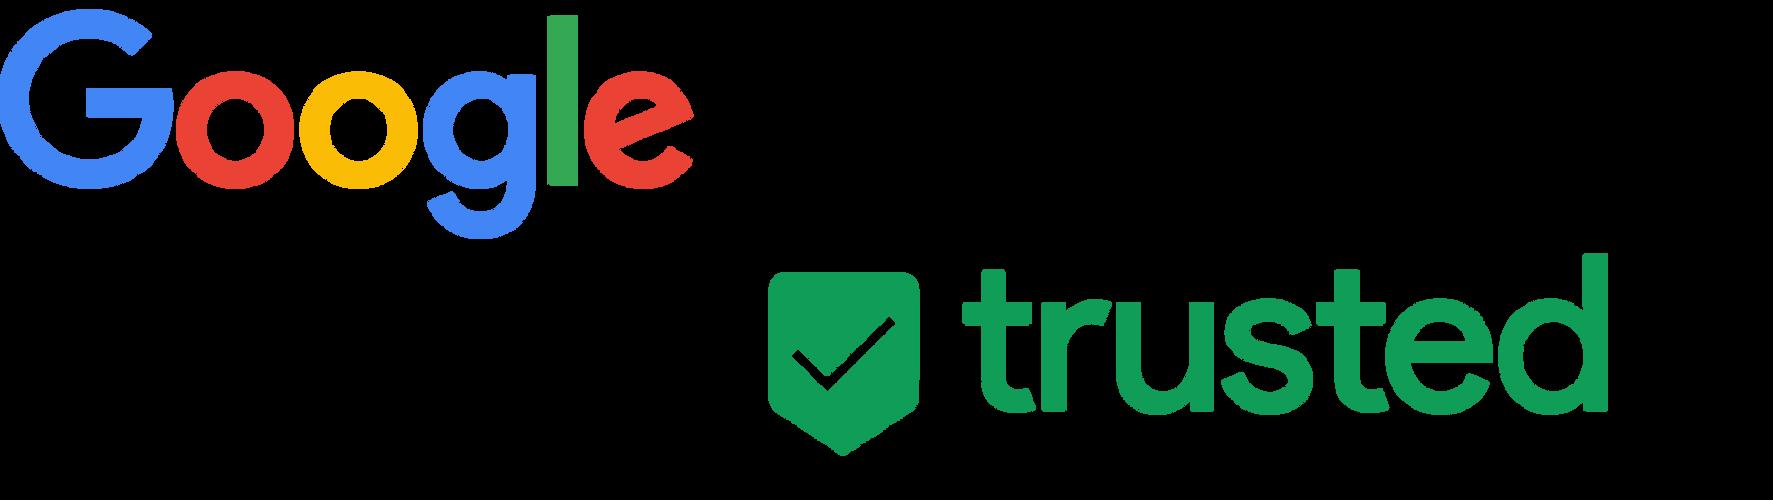 GoogleStreetView-trusted-EN.png